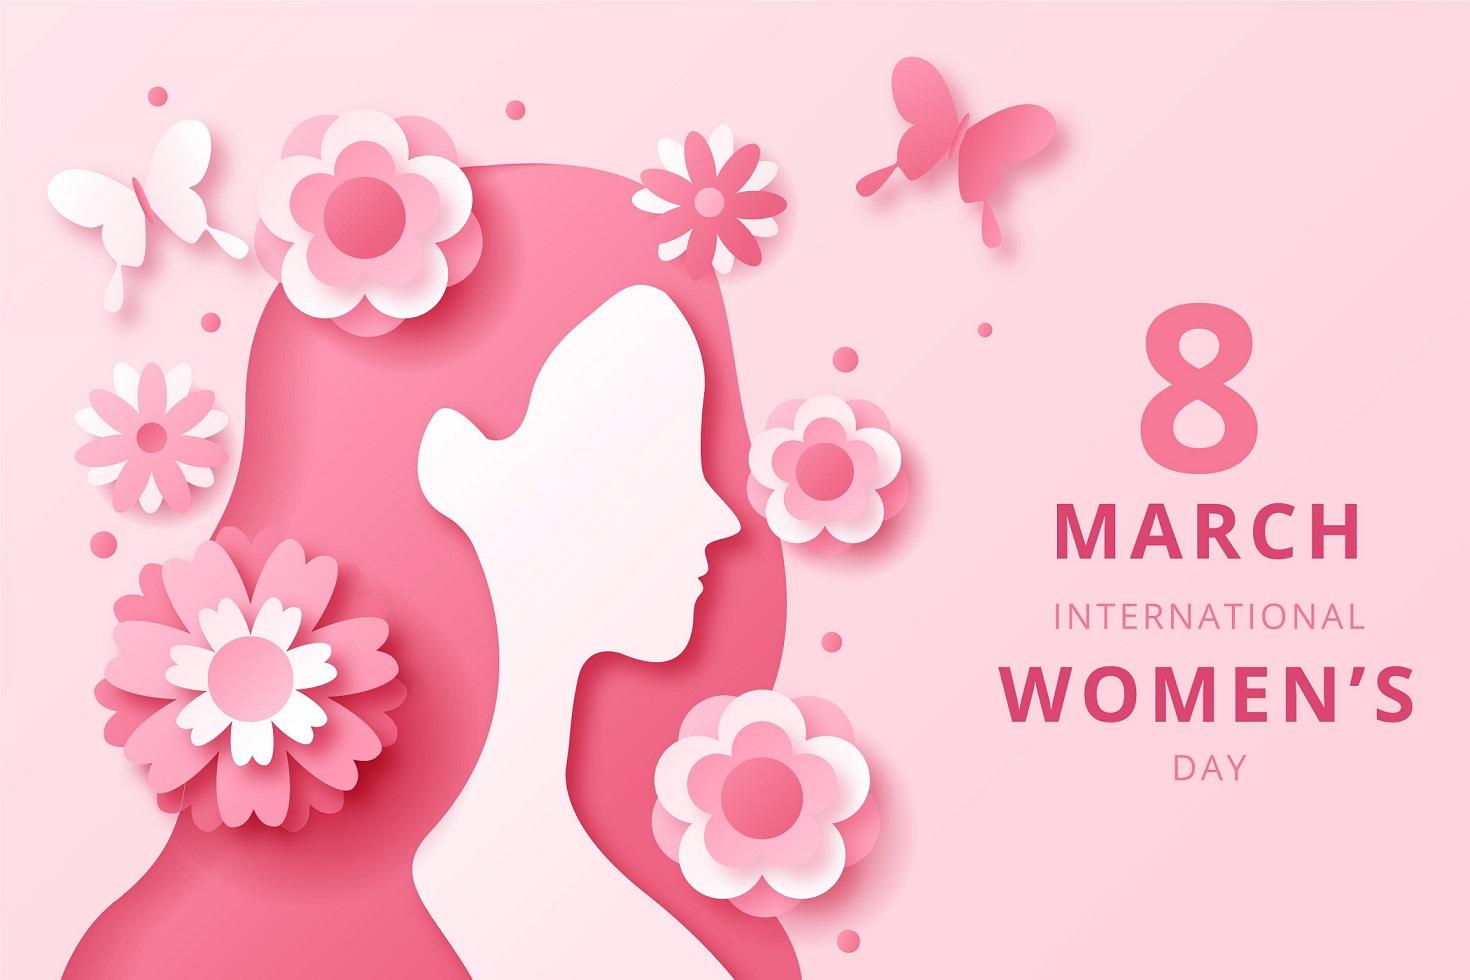 Día Internacional de la Mujer: un reconocimiento a la igualdad y los derechos